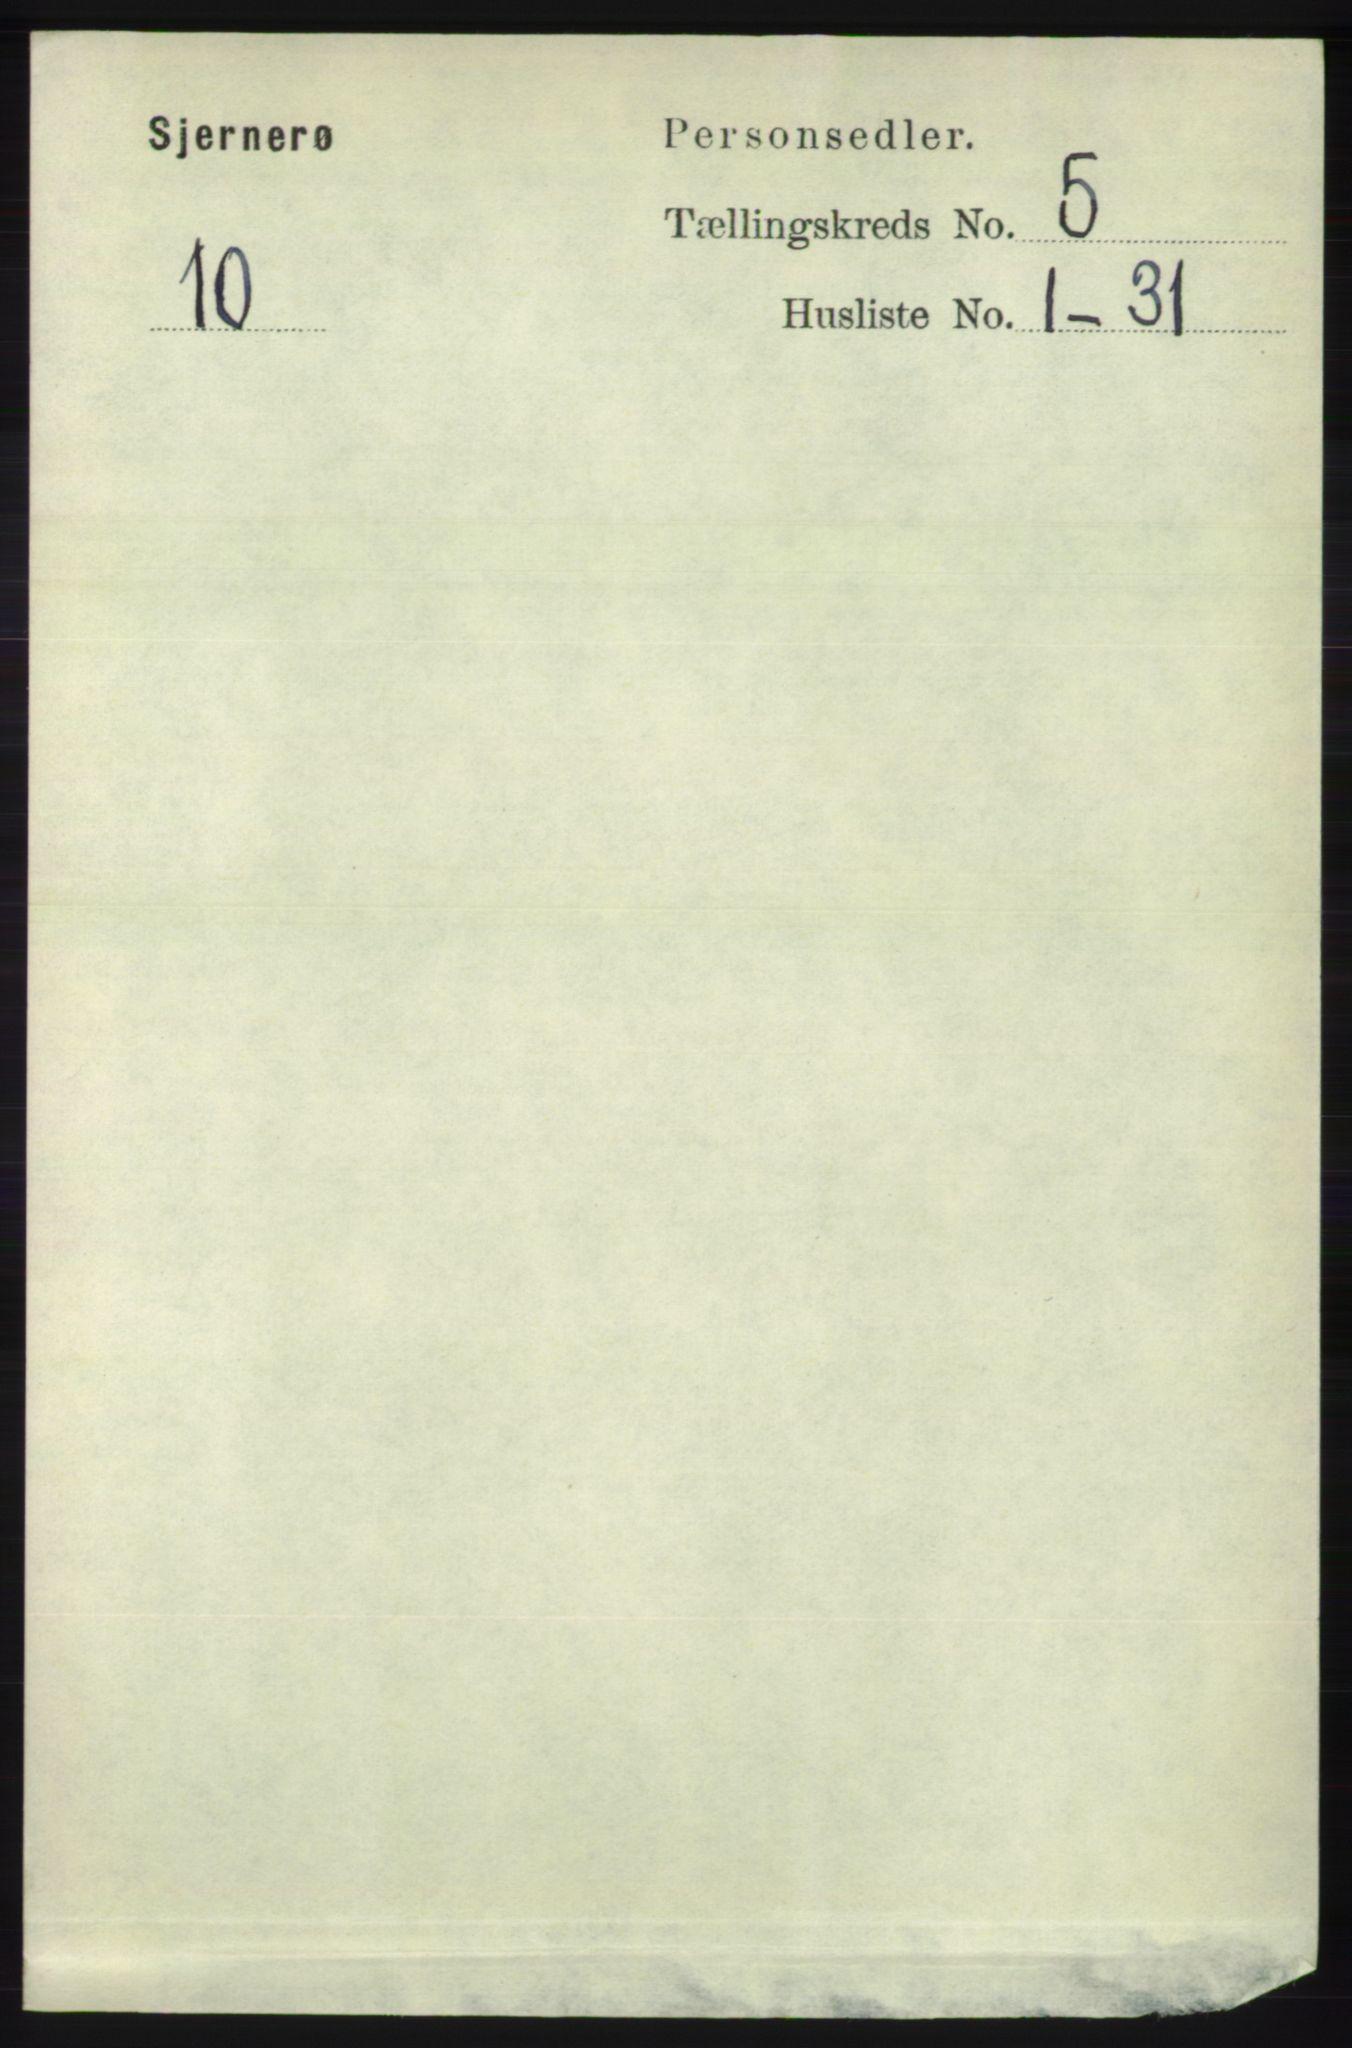 RA, Folketelling 1891 for 1140 Sjernarøy herred, 1891, s. 807